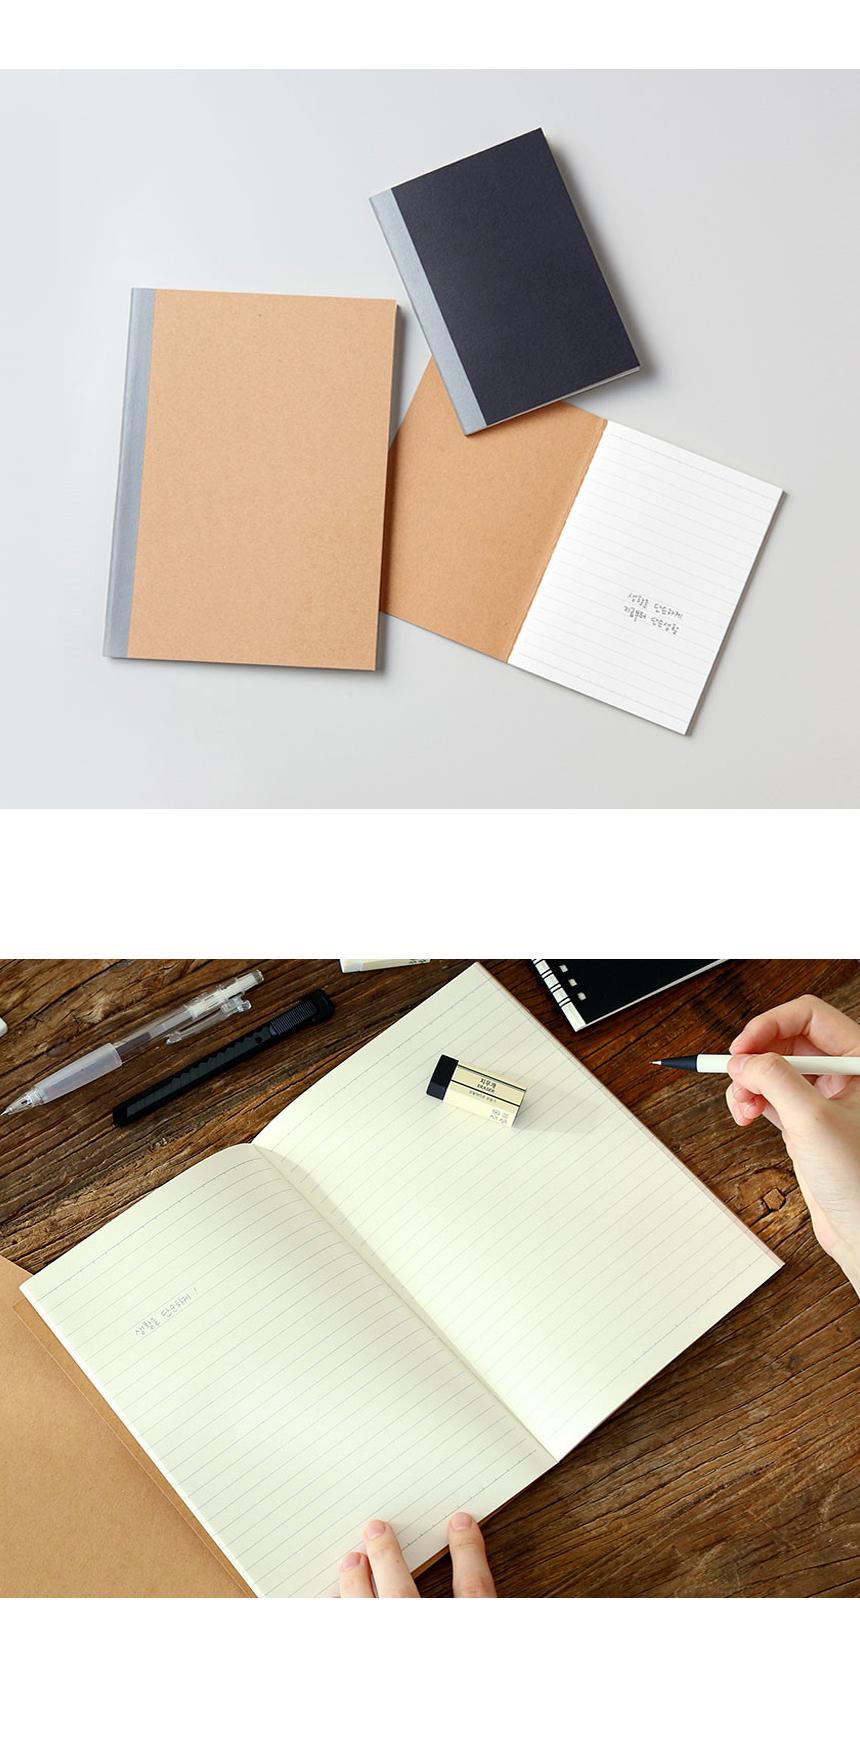 단순생활 실제본노트 B5 크라프트 블랙 - 프린텍 주식회사, 2,700원, 베이직노트, 유선노트